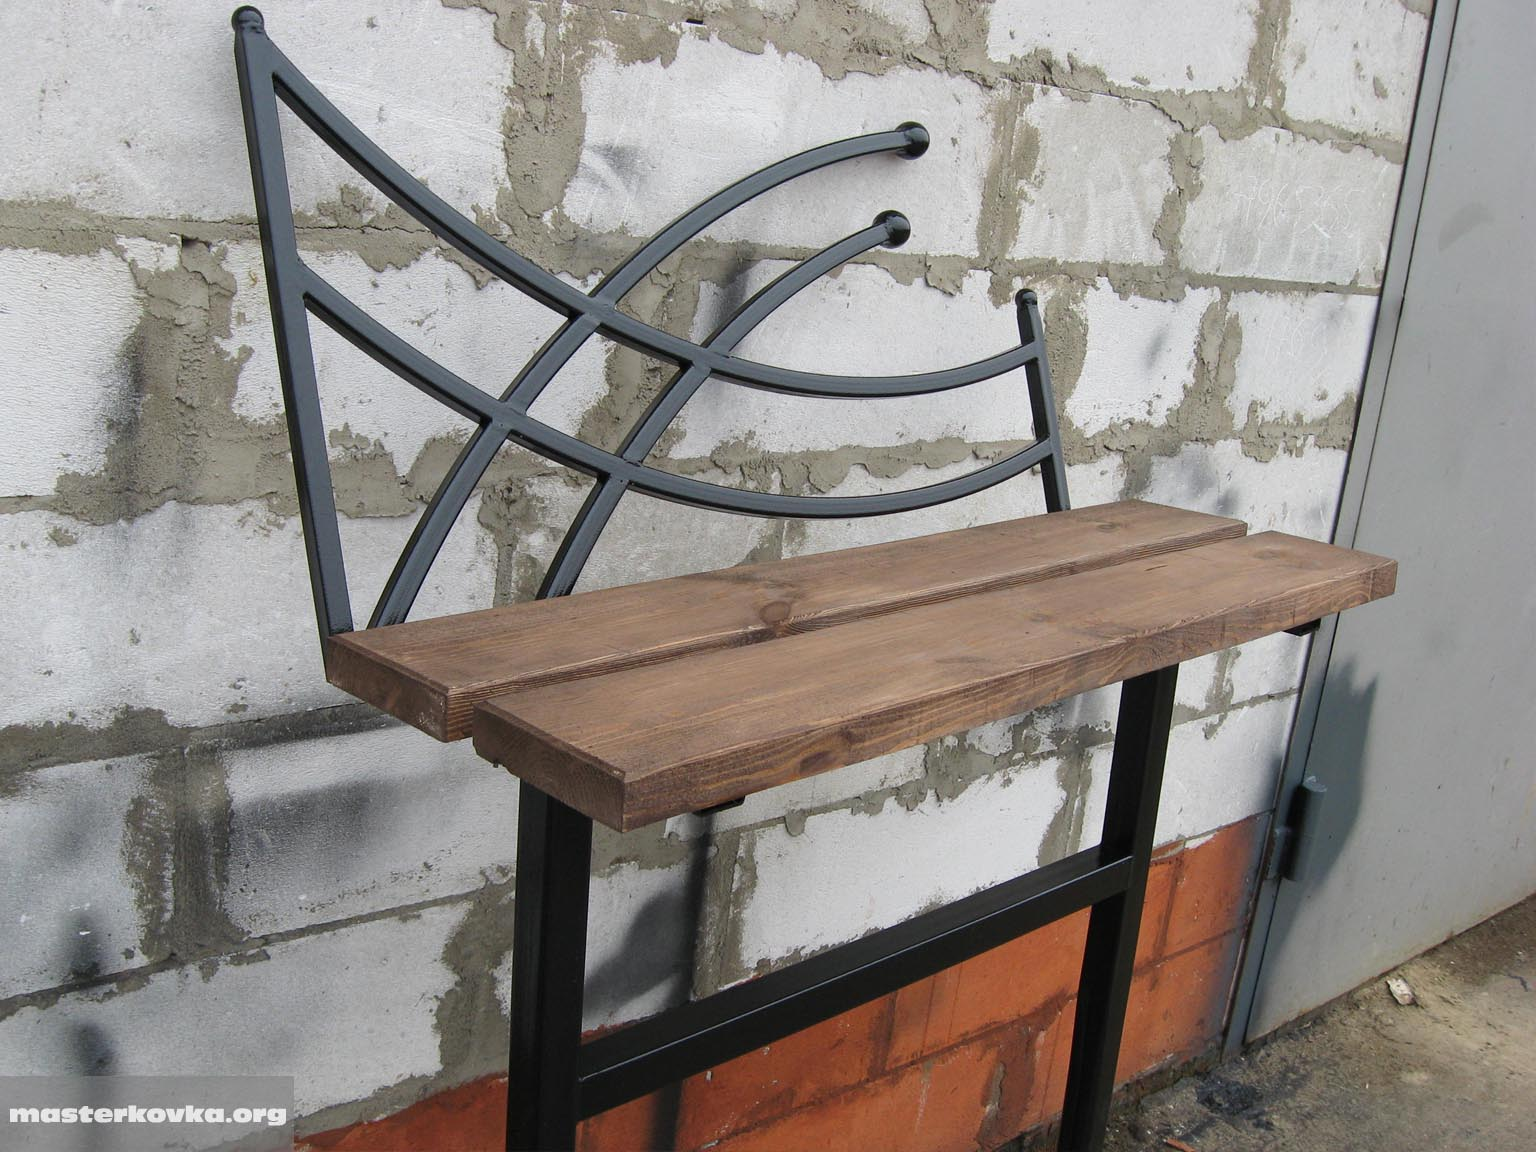 Изготовление лавки - скамейки, своми руками - 1 23 76